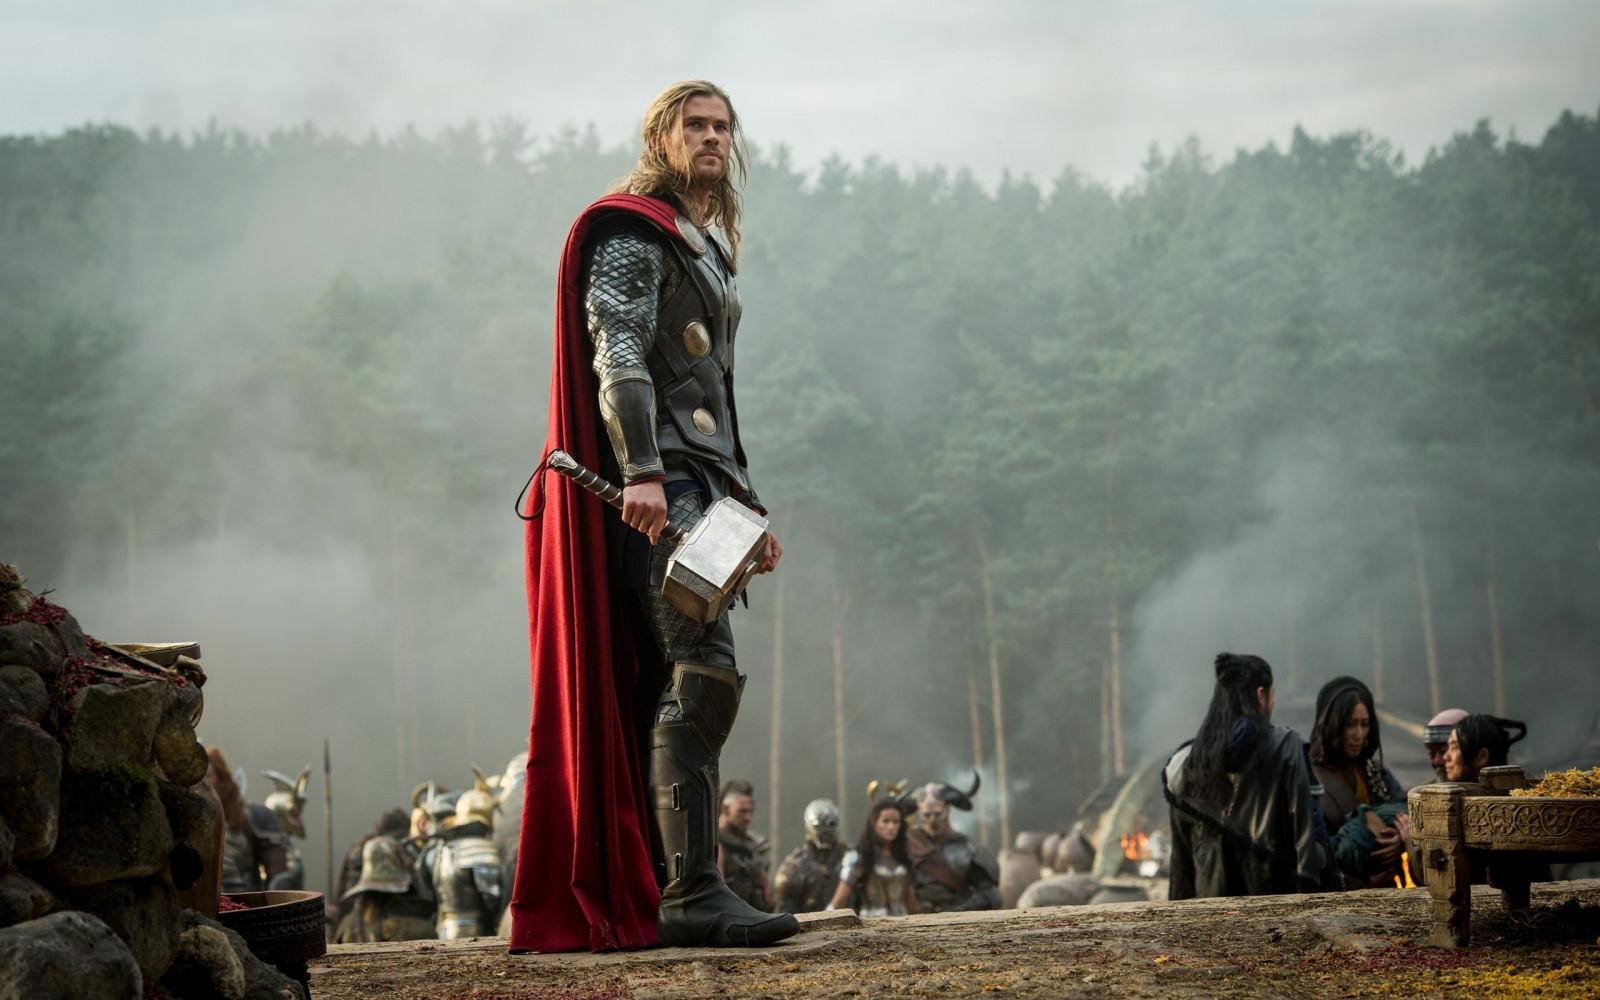 Thor foto di scena Thor 2 Il Dark World Mjolnir Chris Hemsworth immagine dello schermo 2560x1600 px